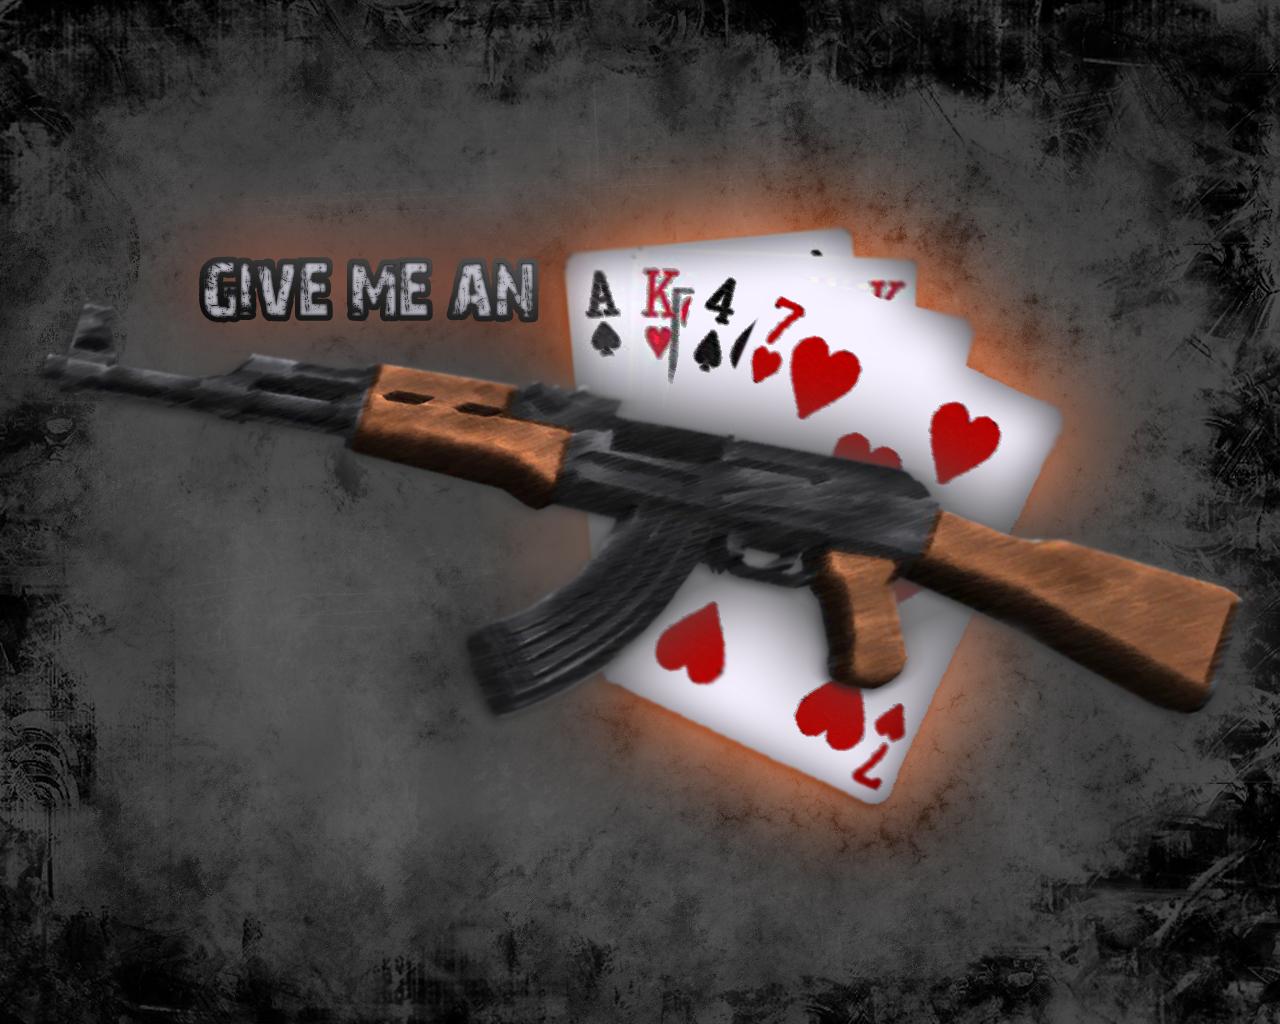 Give me an AK 47 by qman32 1280x1024